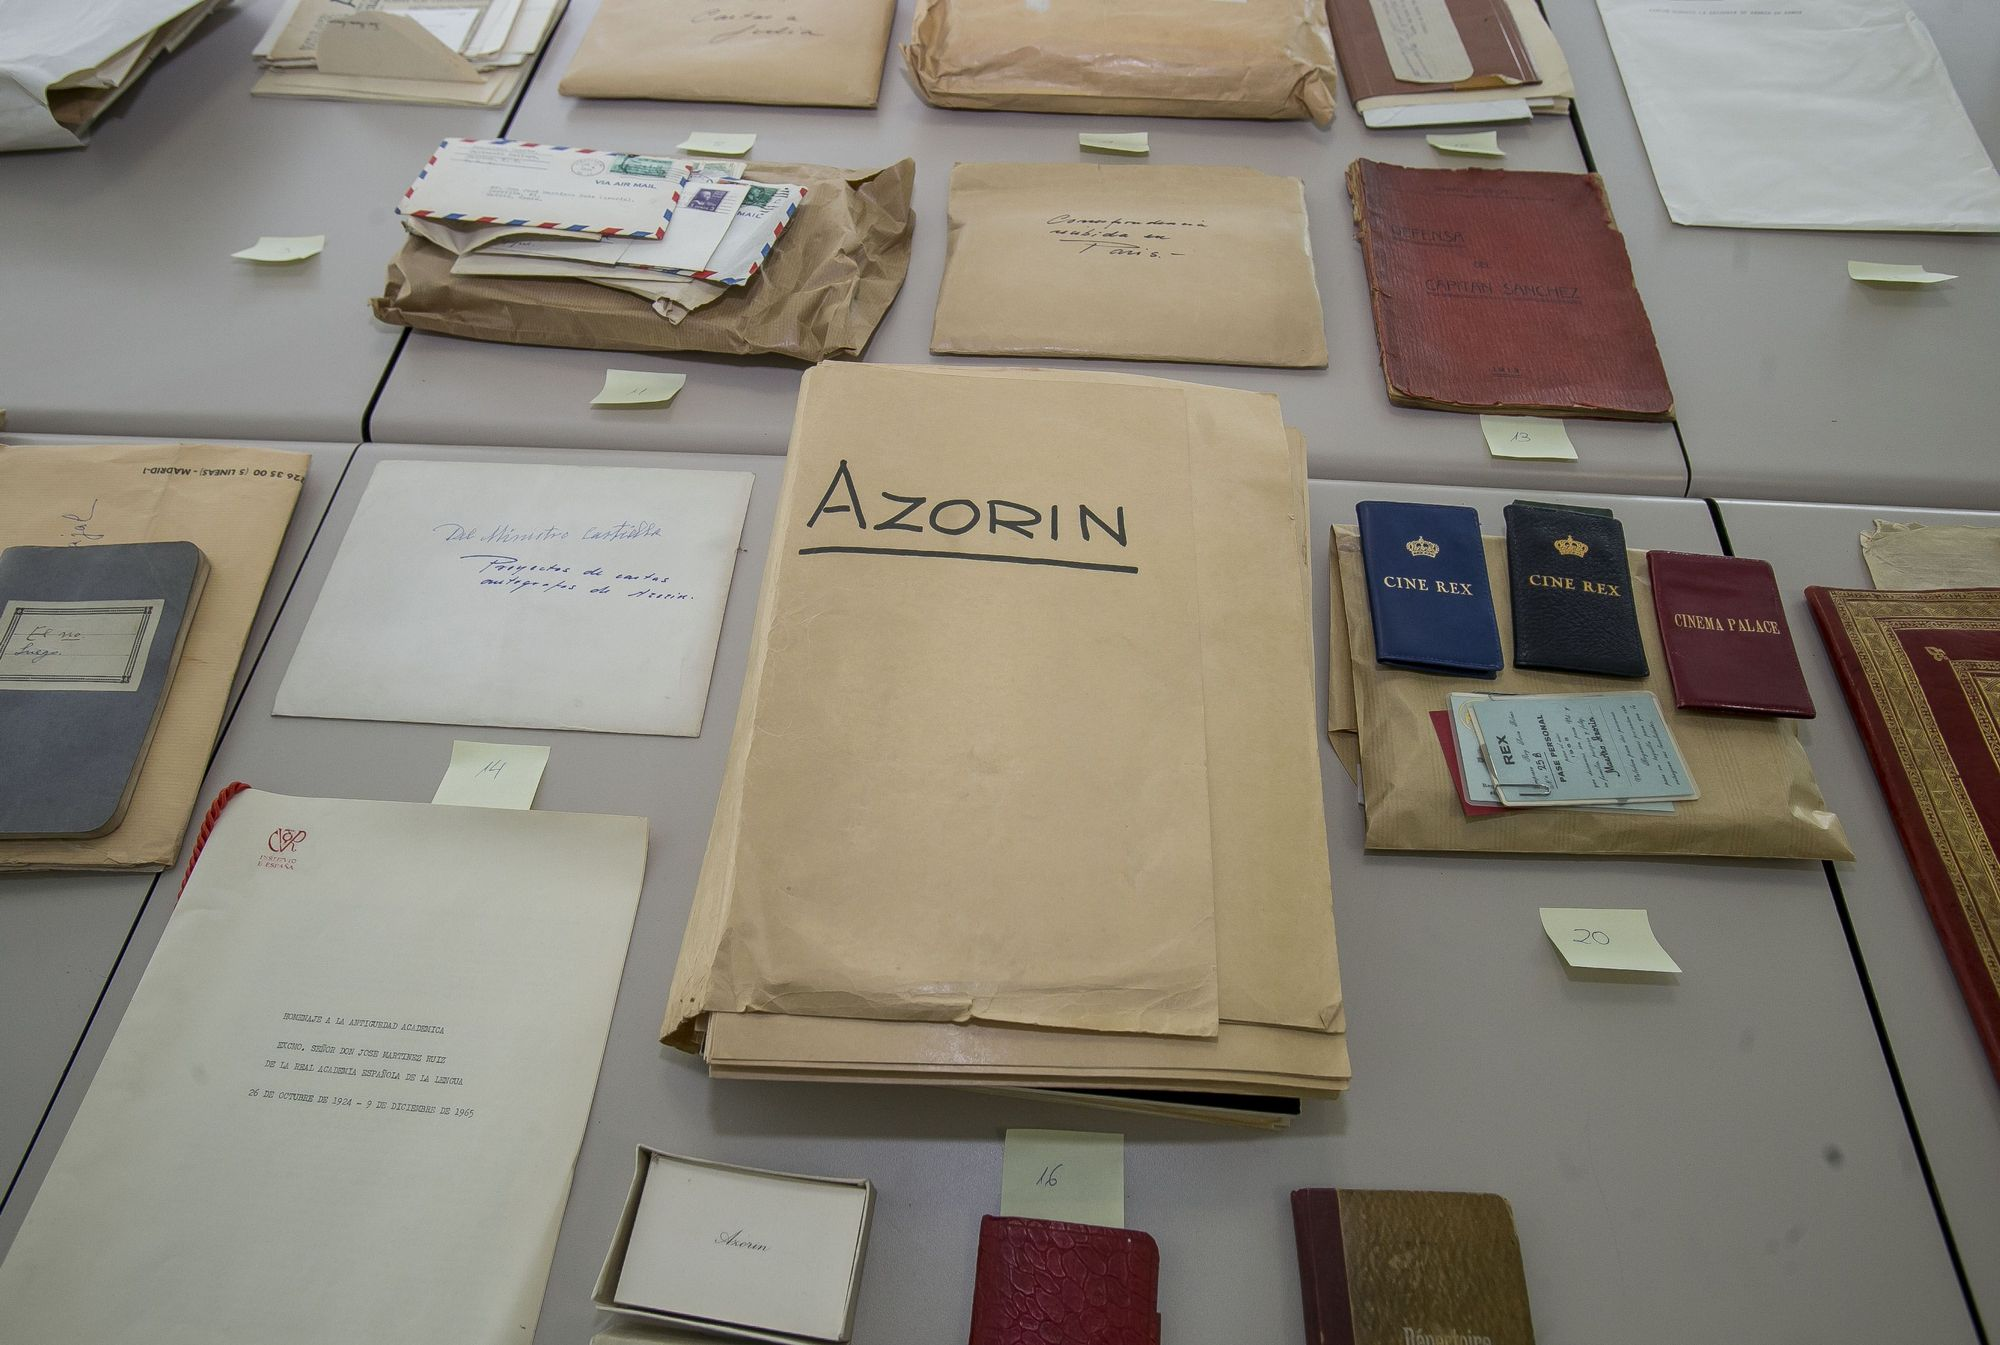 La vida de Azorín en una maleta